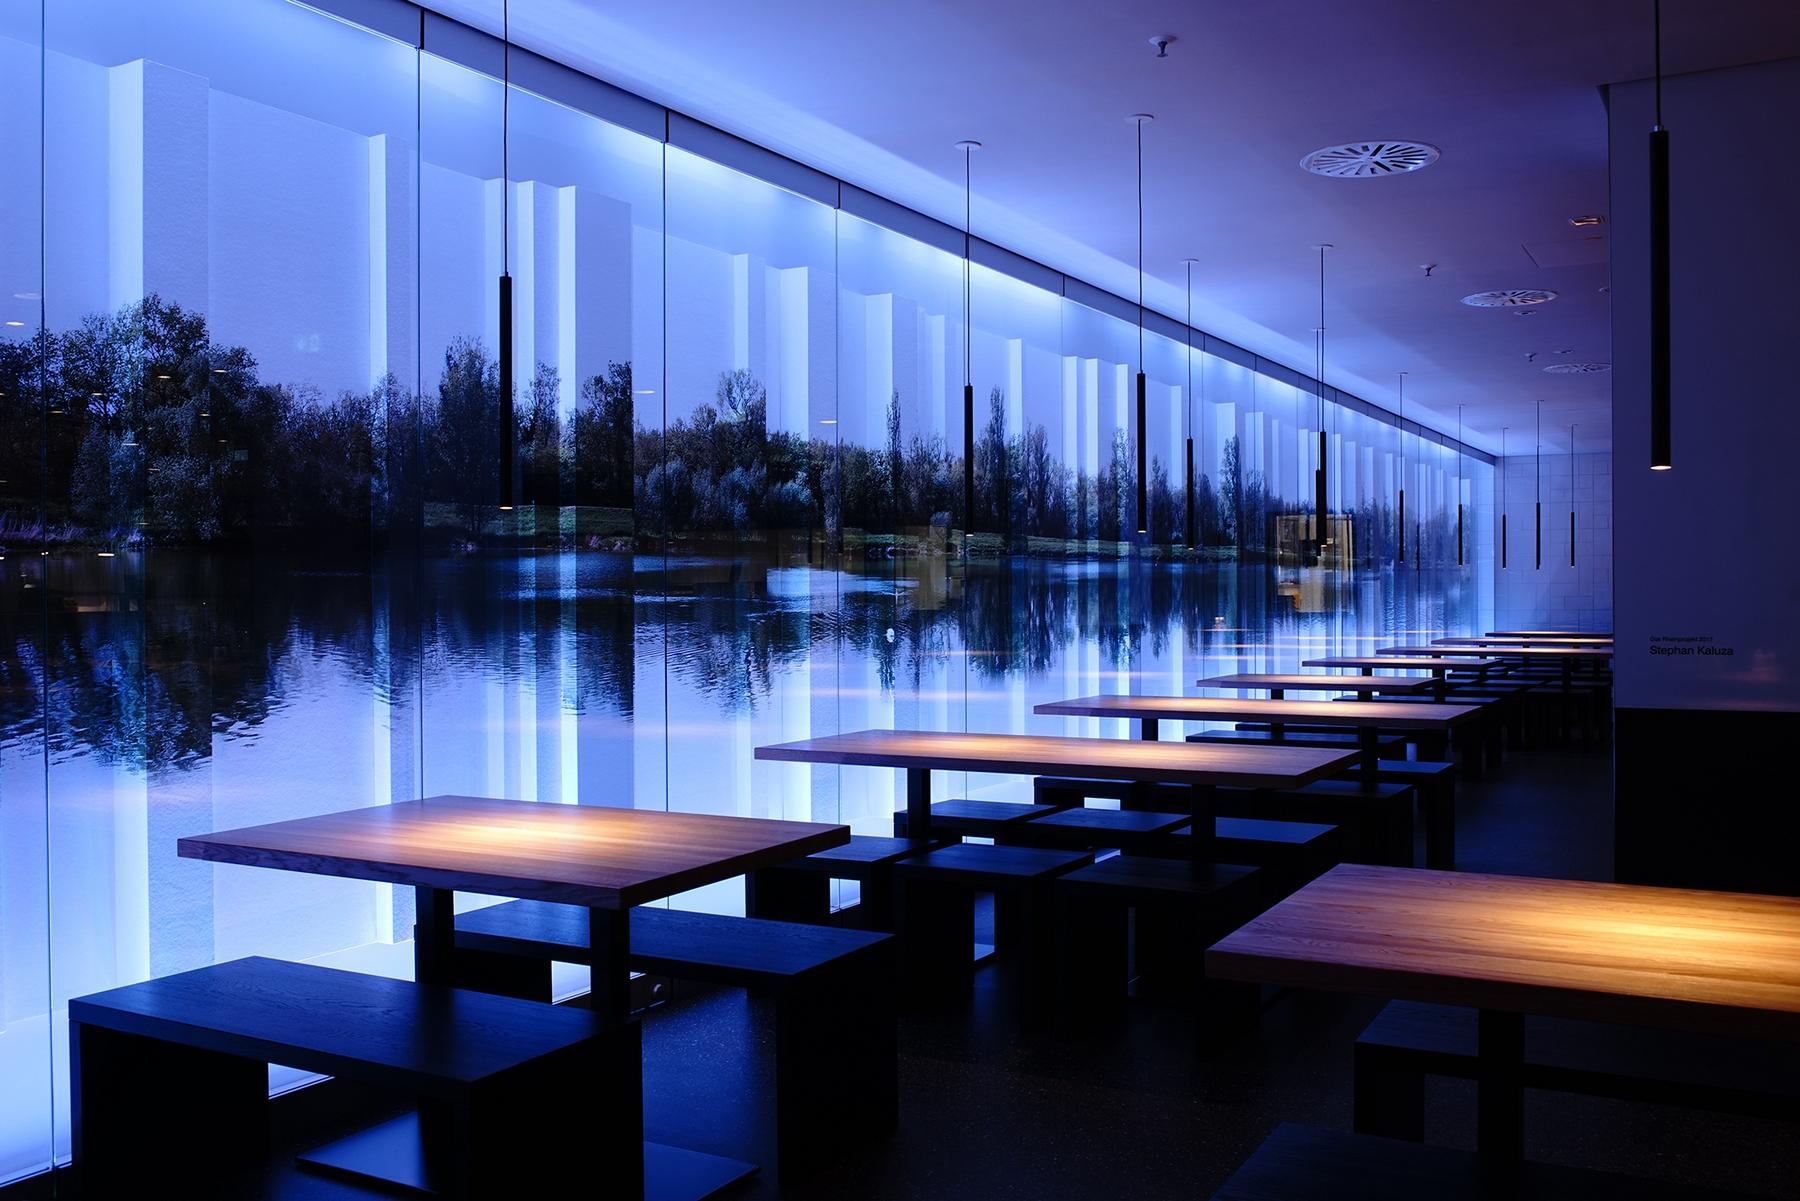 Il progetto Human Centric Lighting di LKL: la sala della caffetteria di Dusseldorf con finestra panoramica e illuminazione artificiale dinamica - versione serale (blu)